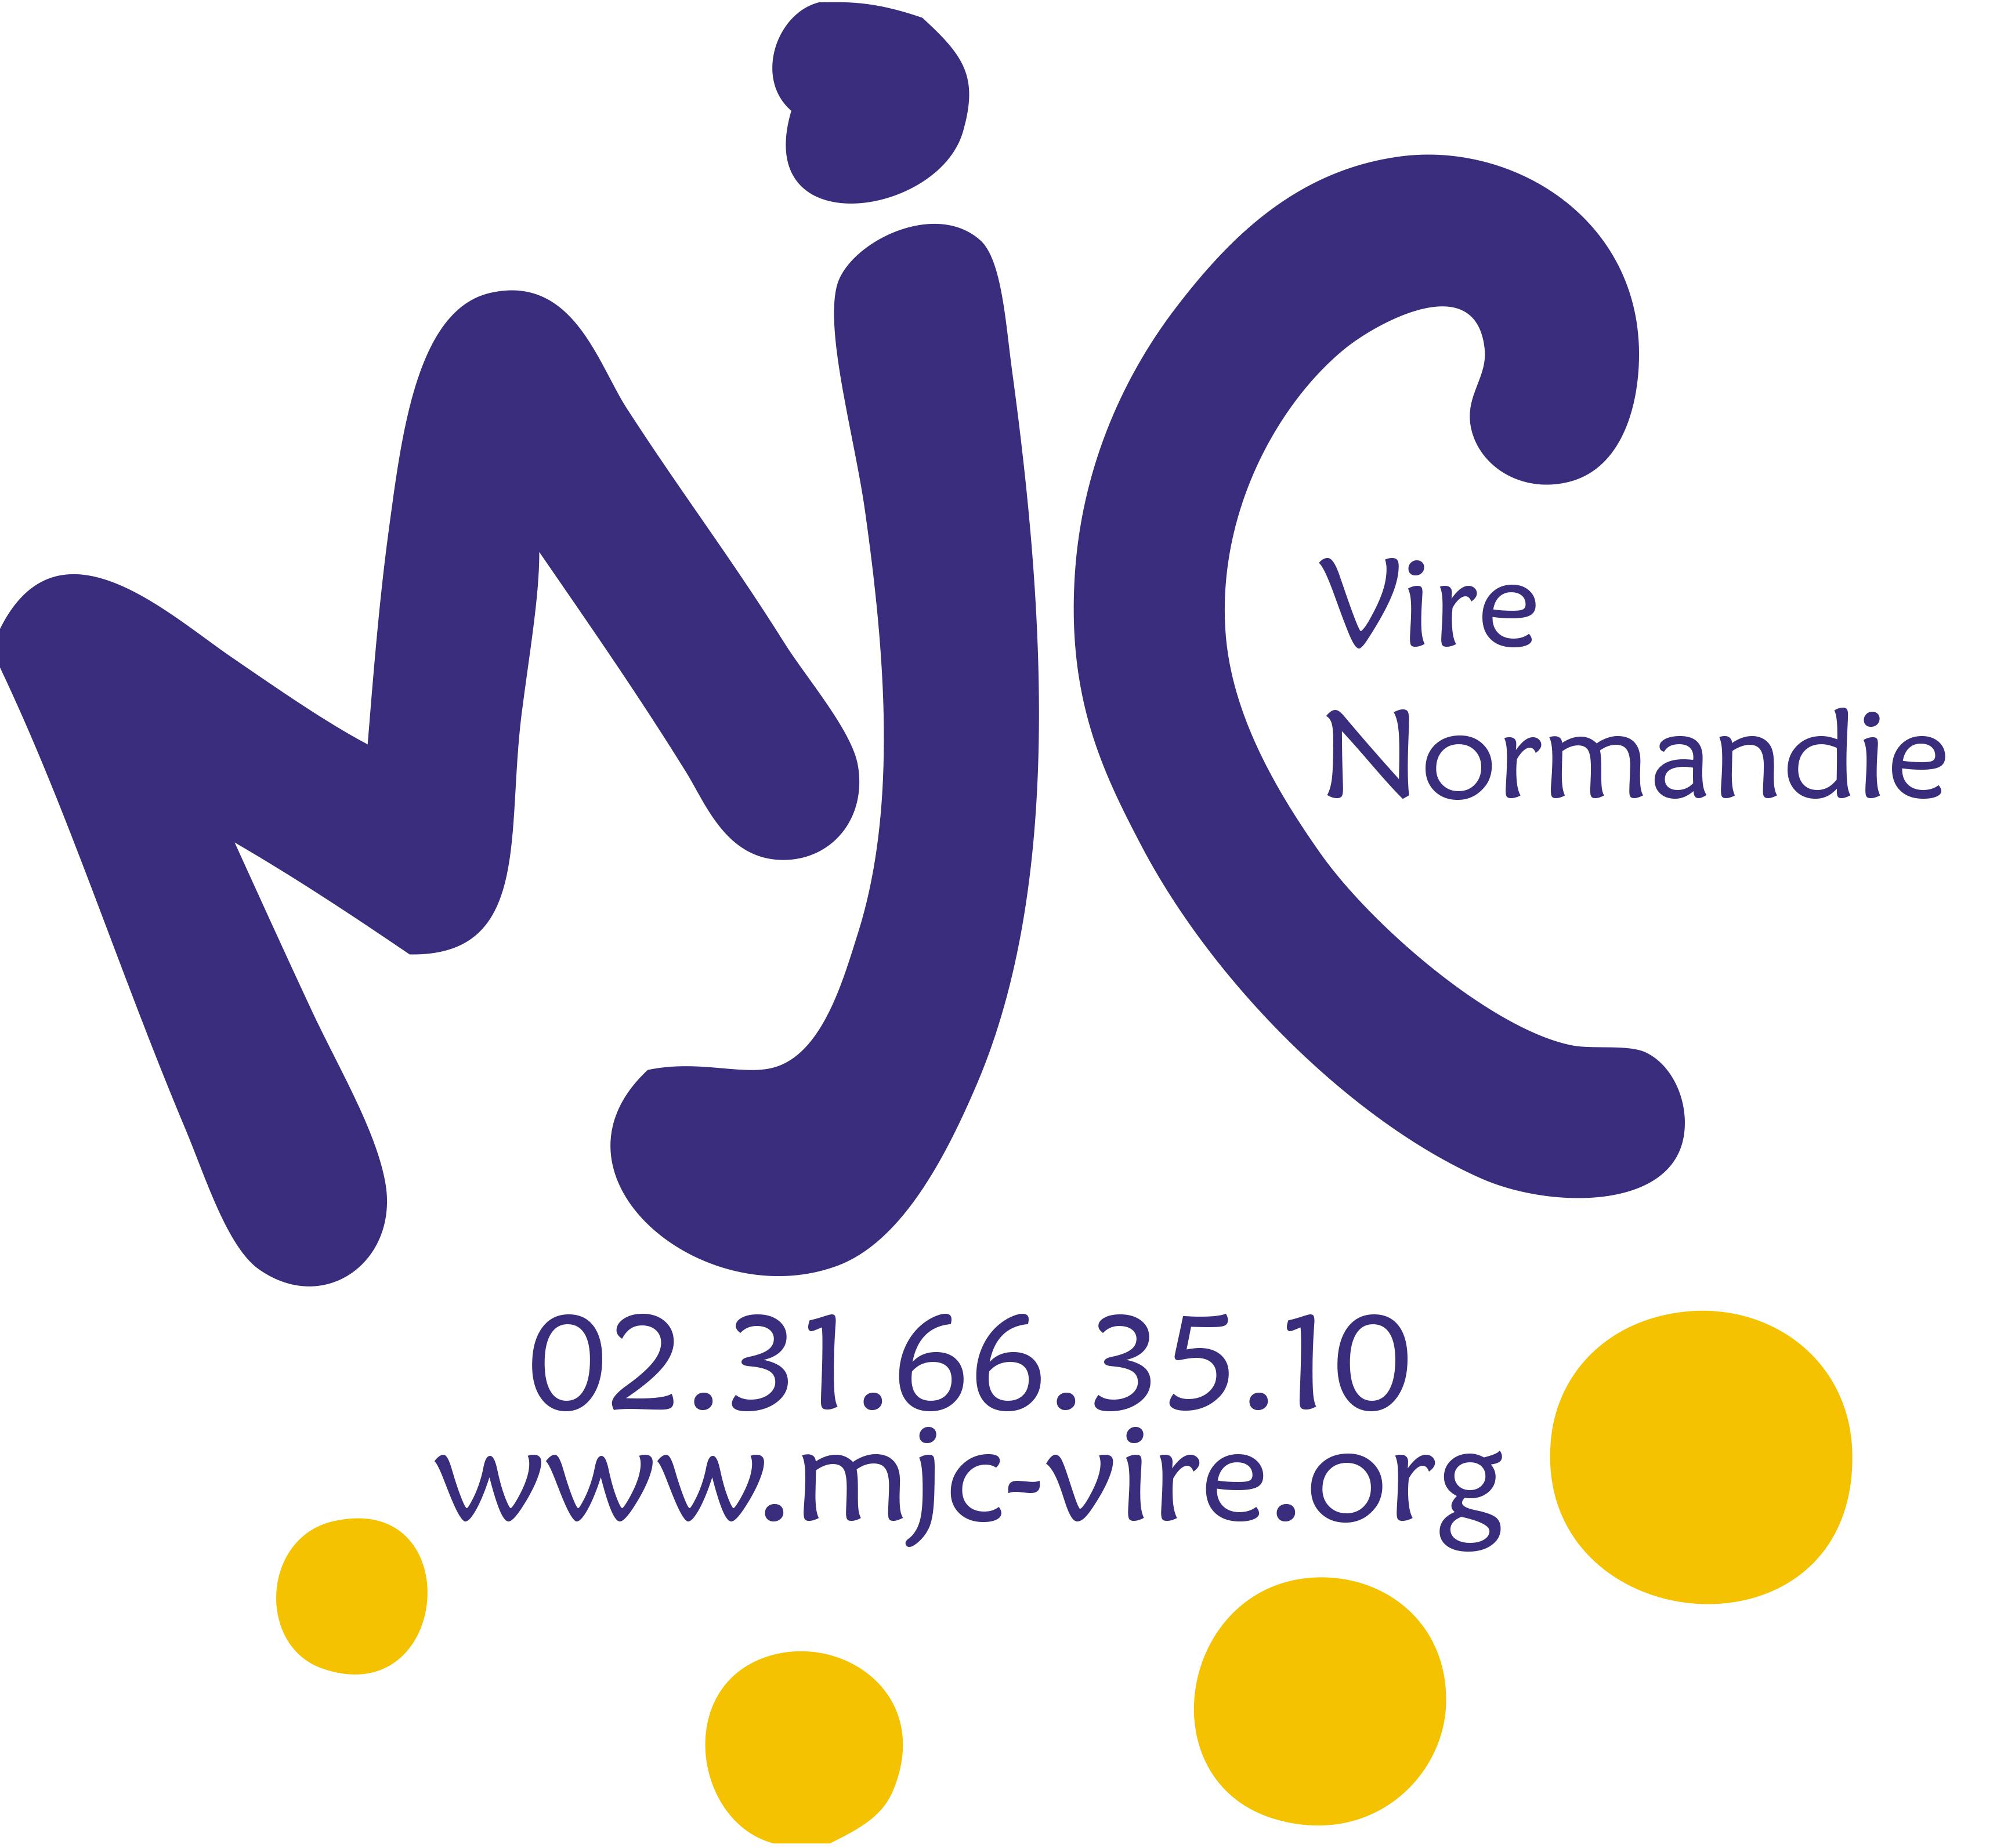 La MJC